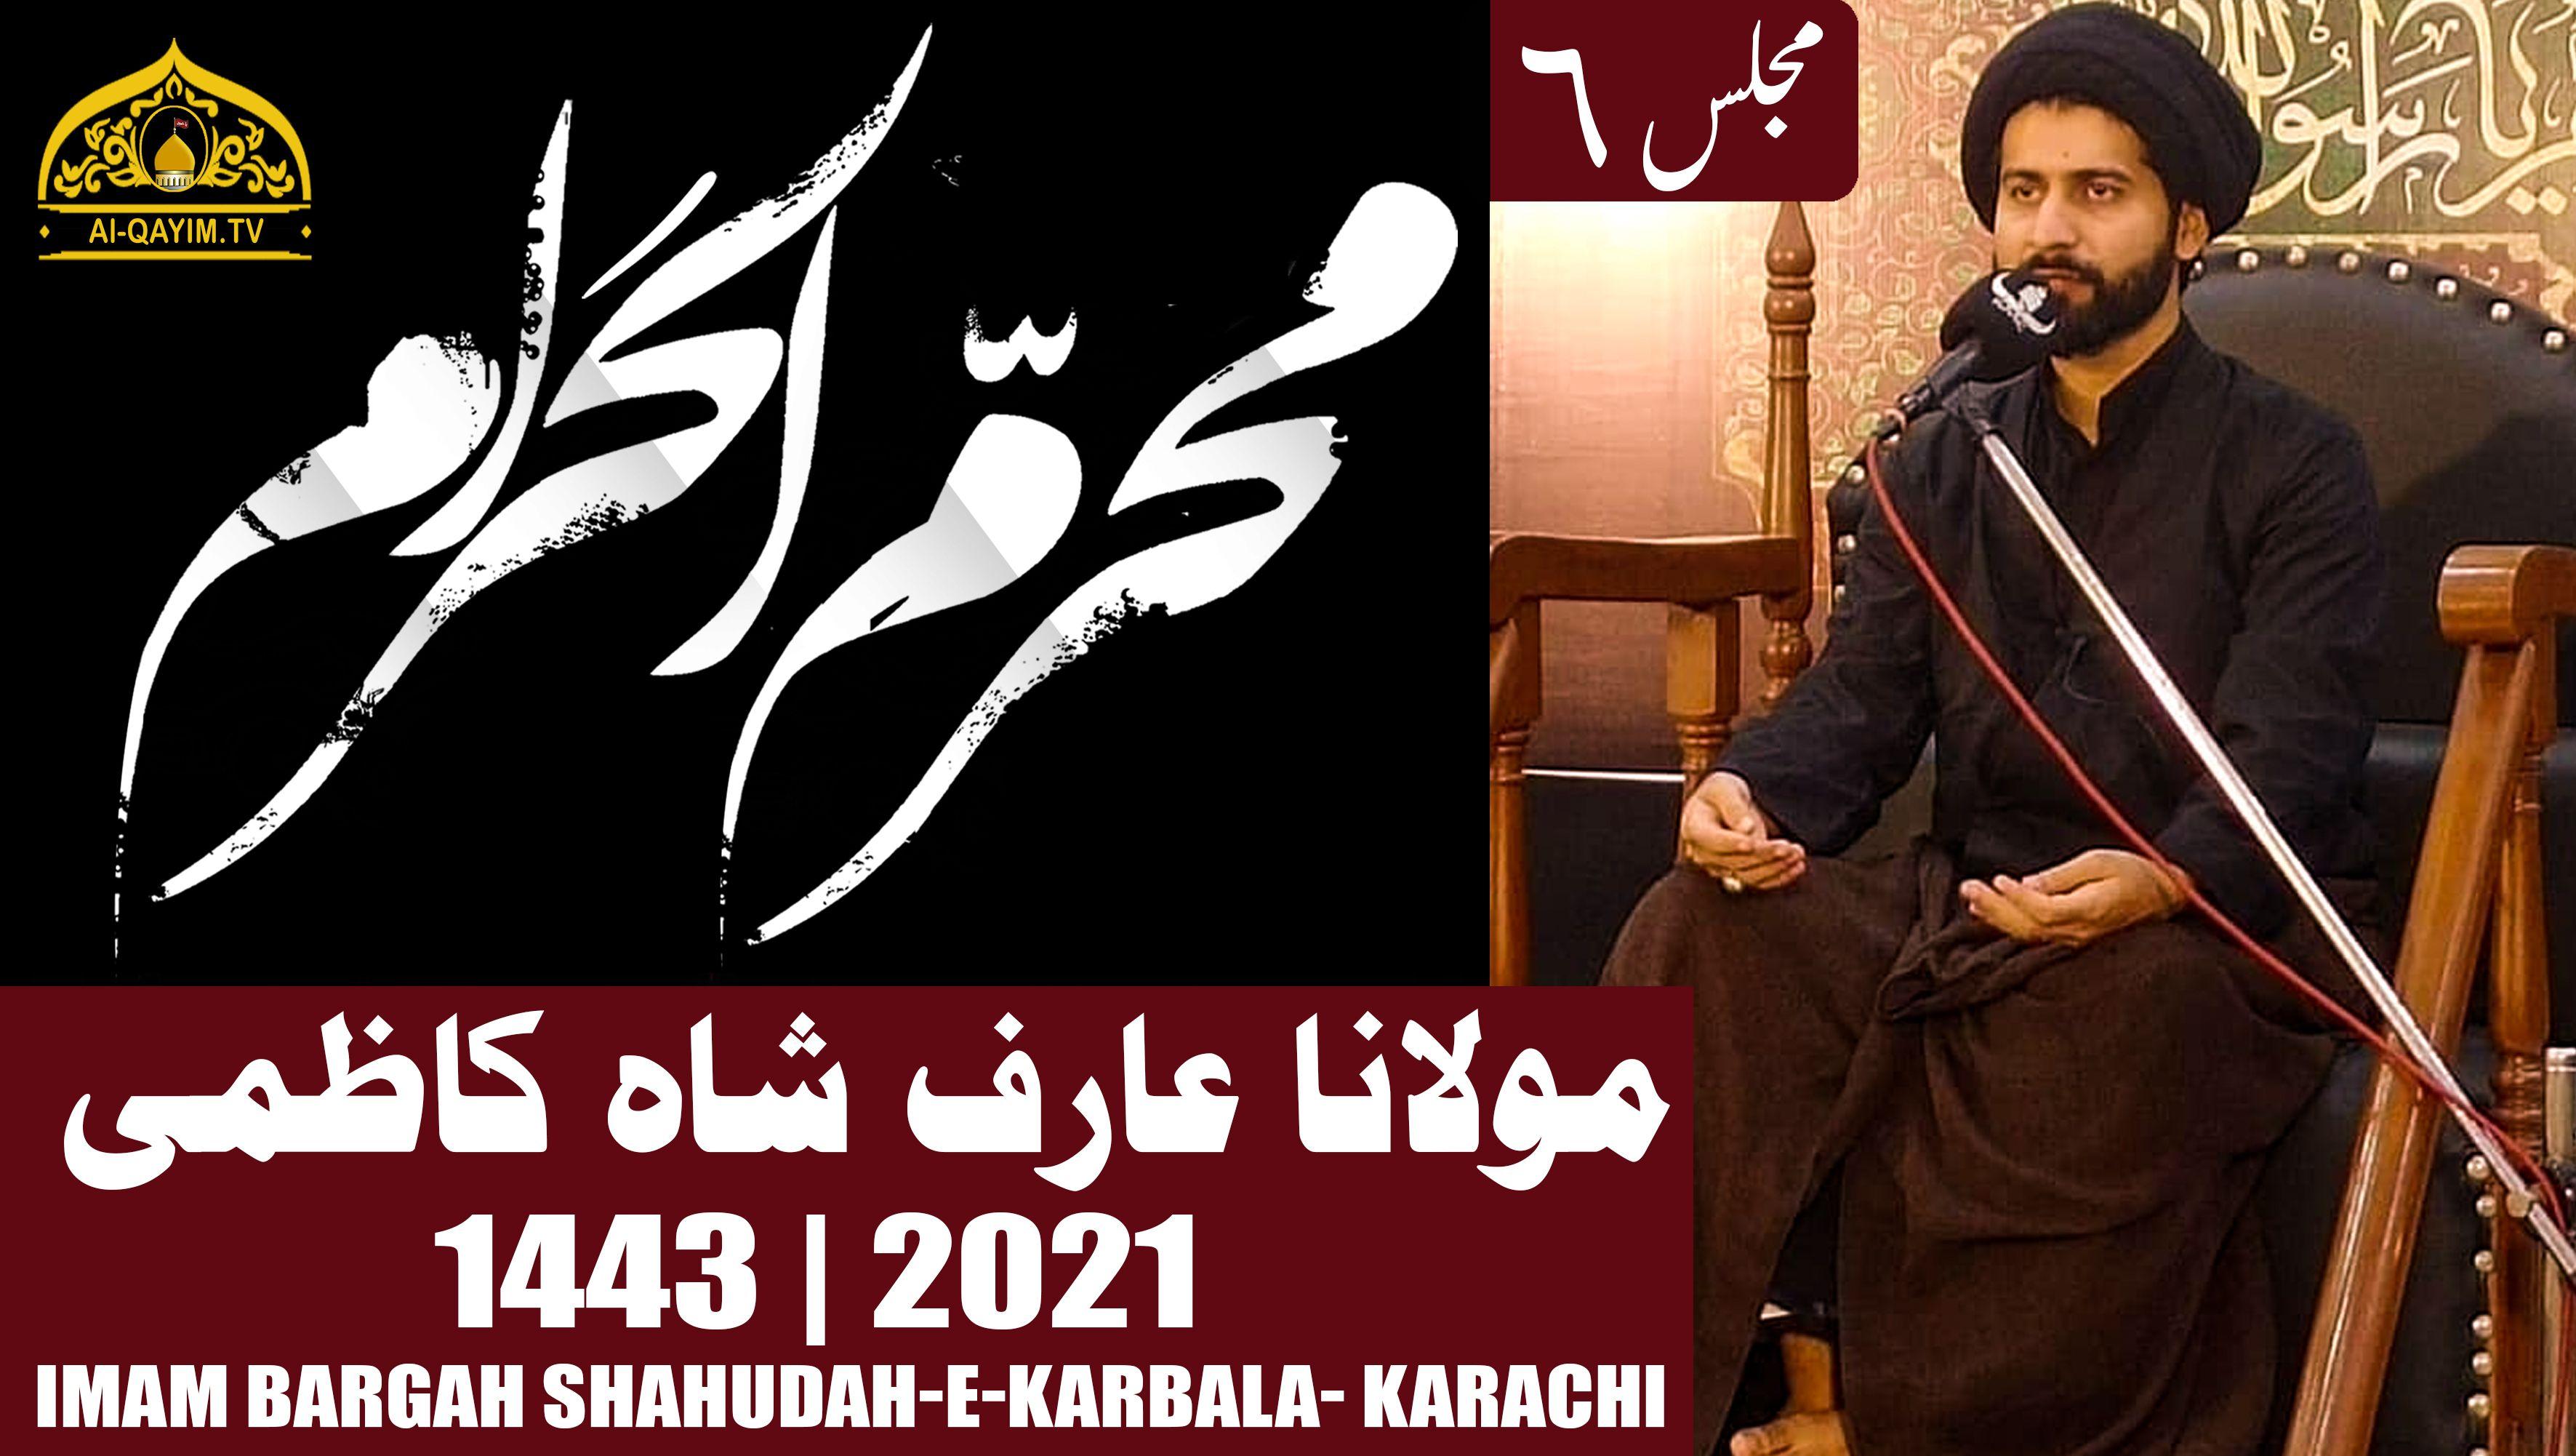 6th Muharram Majlis 1442/2021 | Moulana Arif Shah Kazmi - Imam Bargah Shuhdah-e-Karbala, Karachi